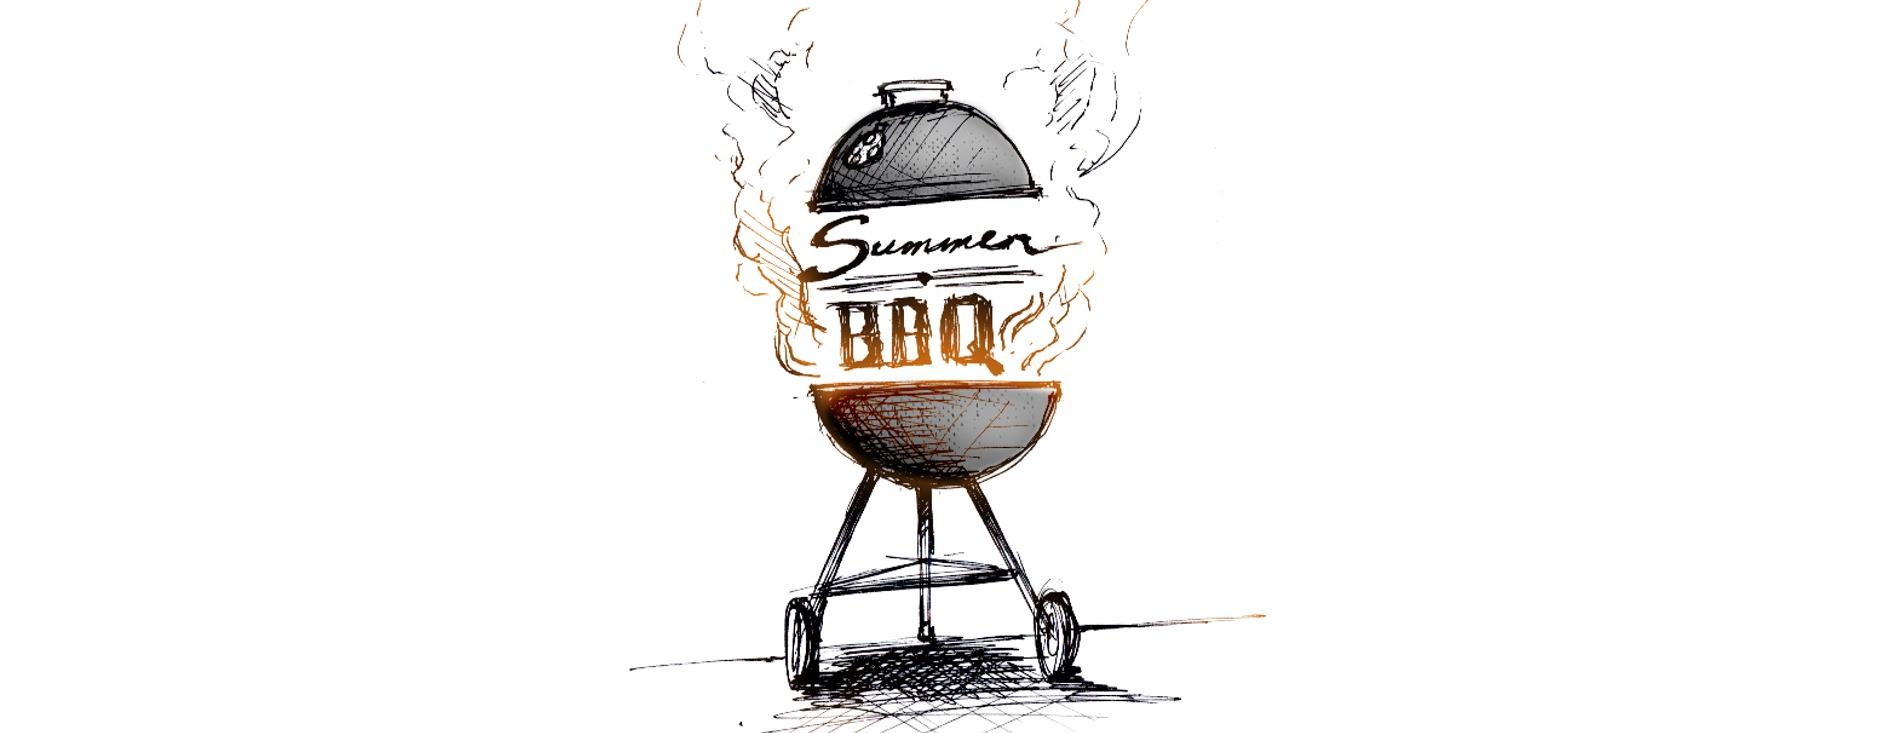 Summer Service BBQs